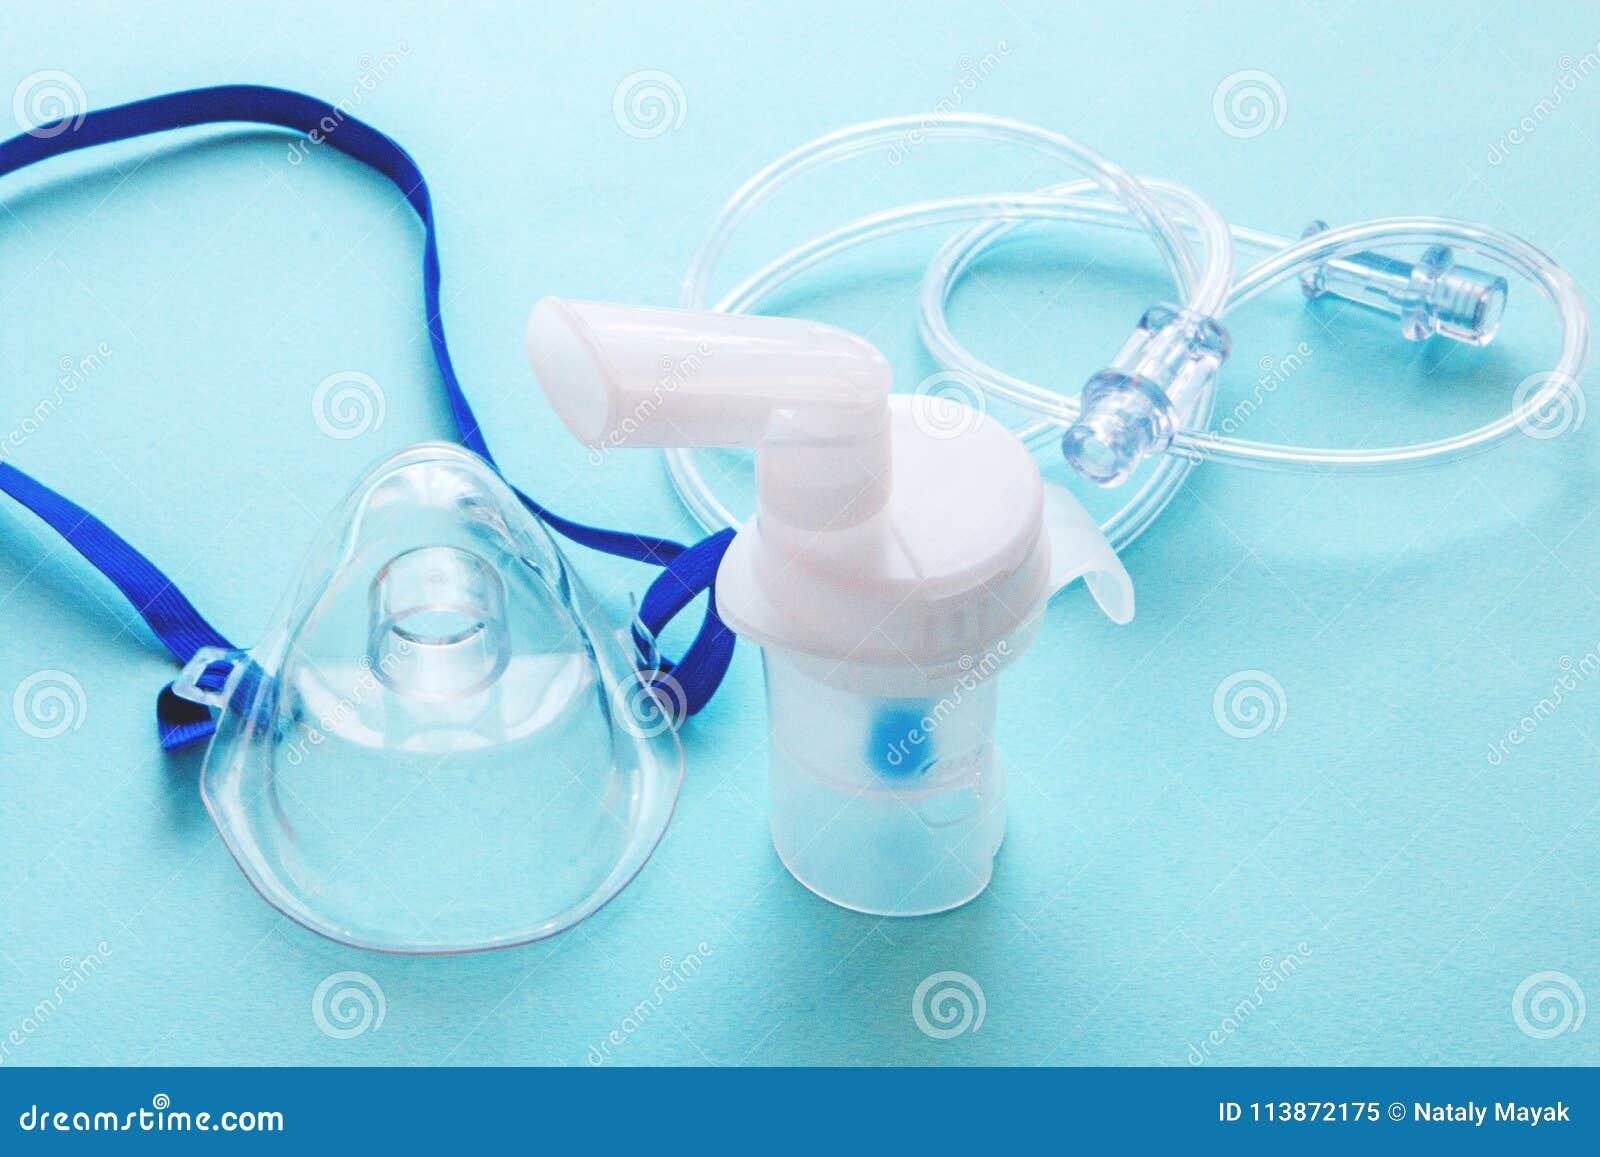 Nebulizer da máscara do tubo e cabo transparente tubular